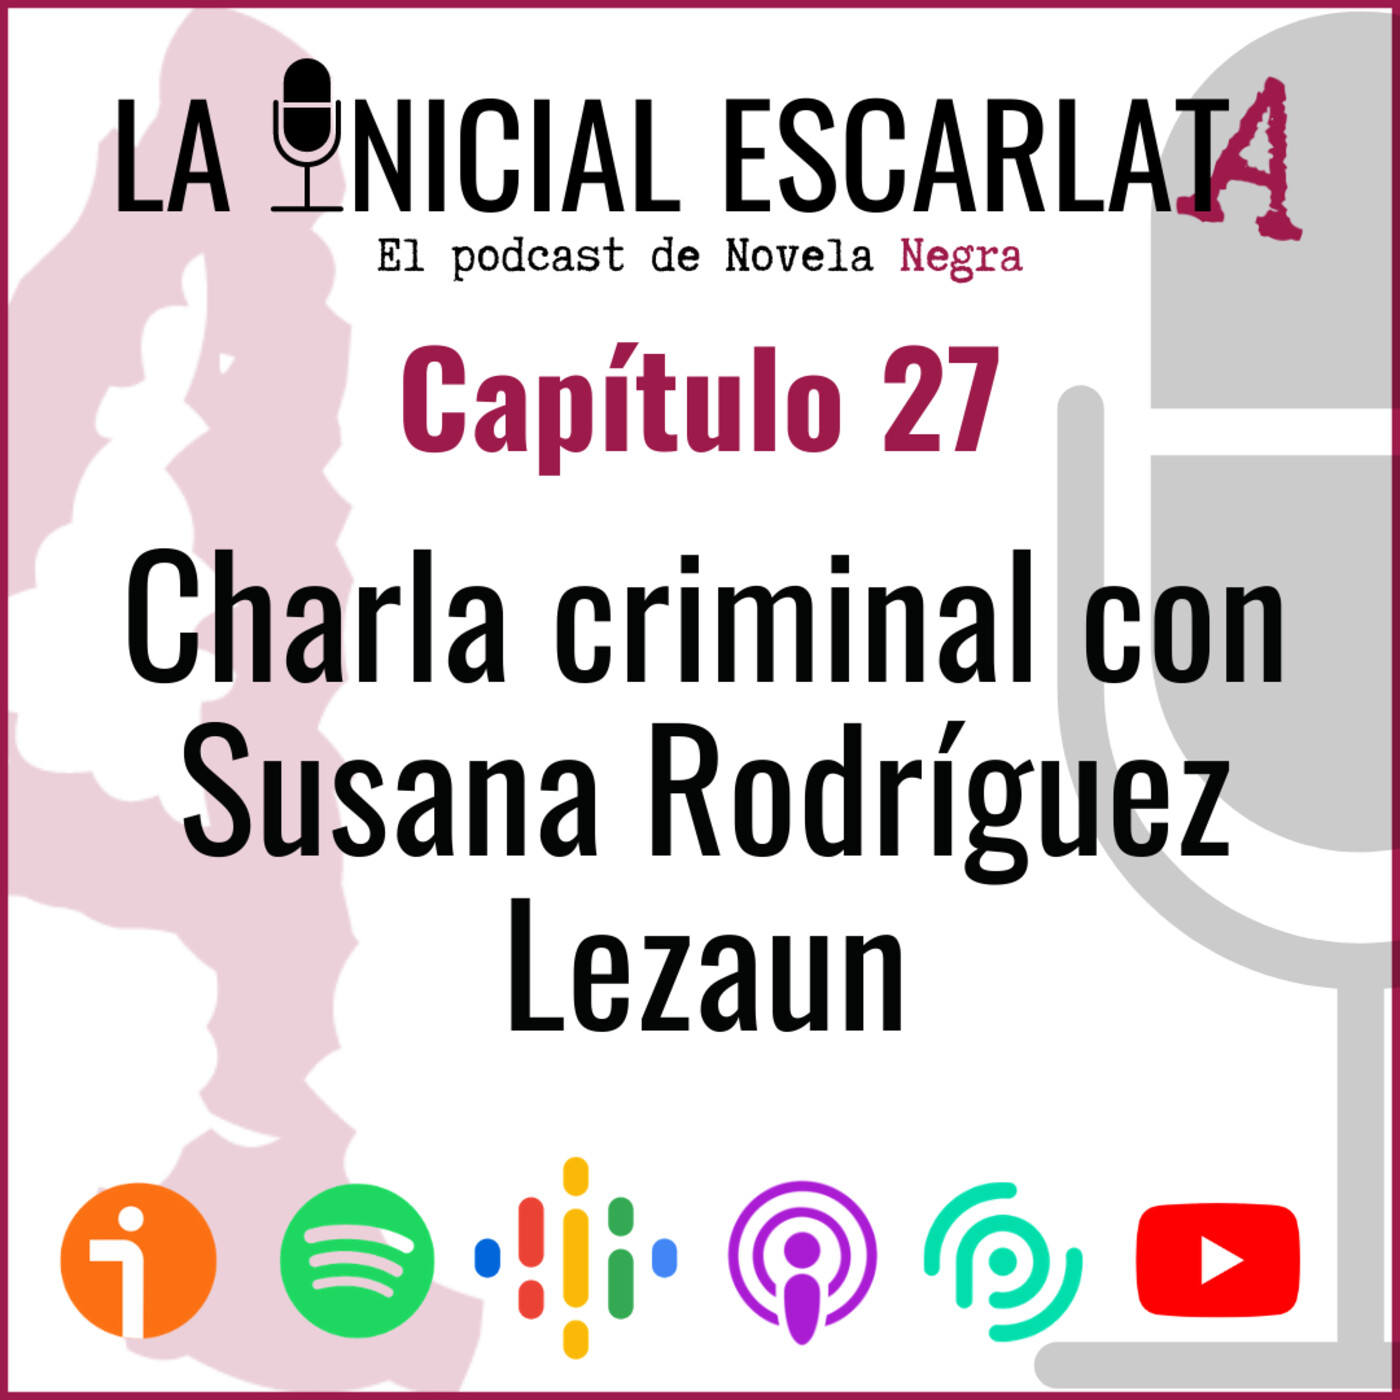 Capítulo 27: Charla criminal con Susana Rodríguez Lezaun (@SusanaRLezaun)